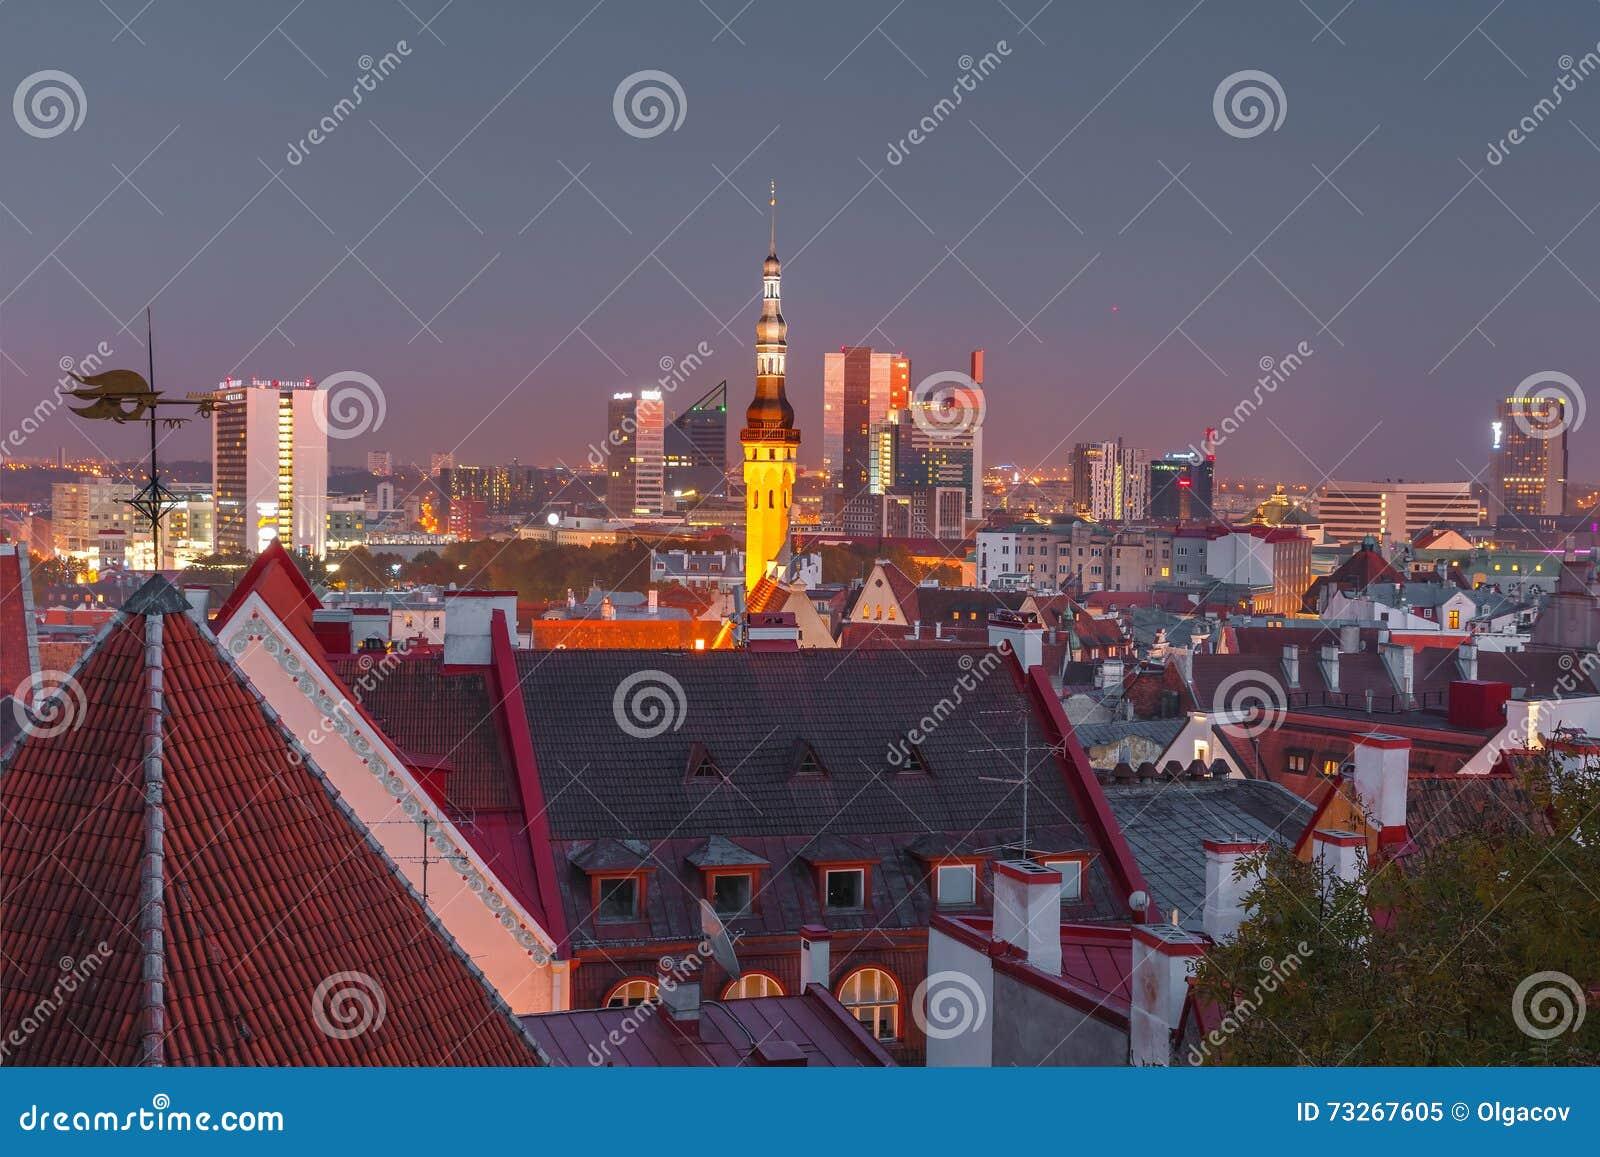 Arquitetura da cidade aérea da noite de Tallinn, Estônia